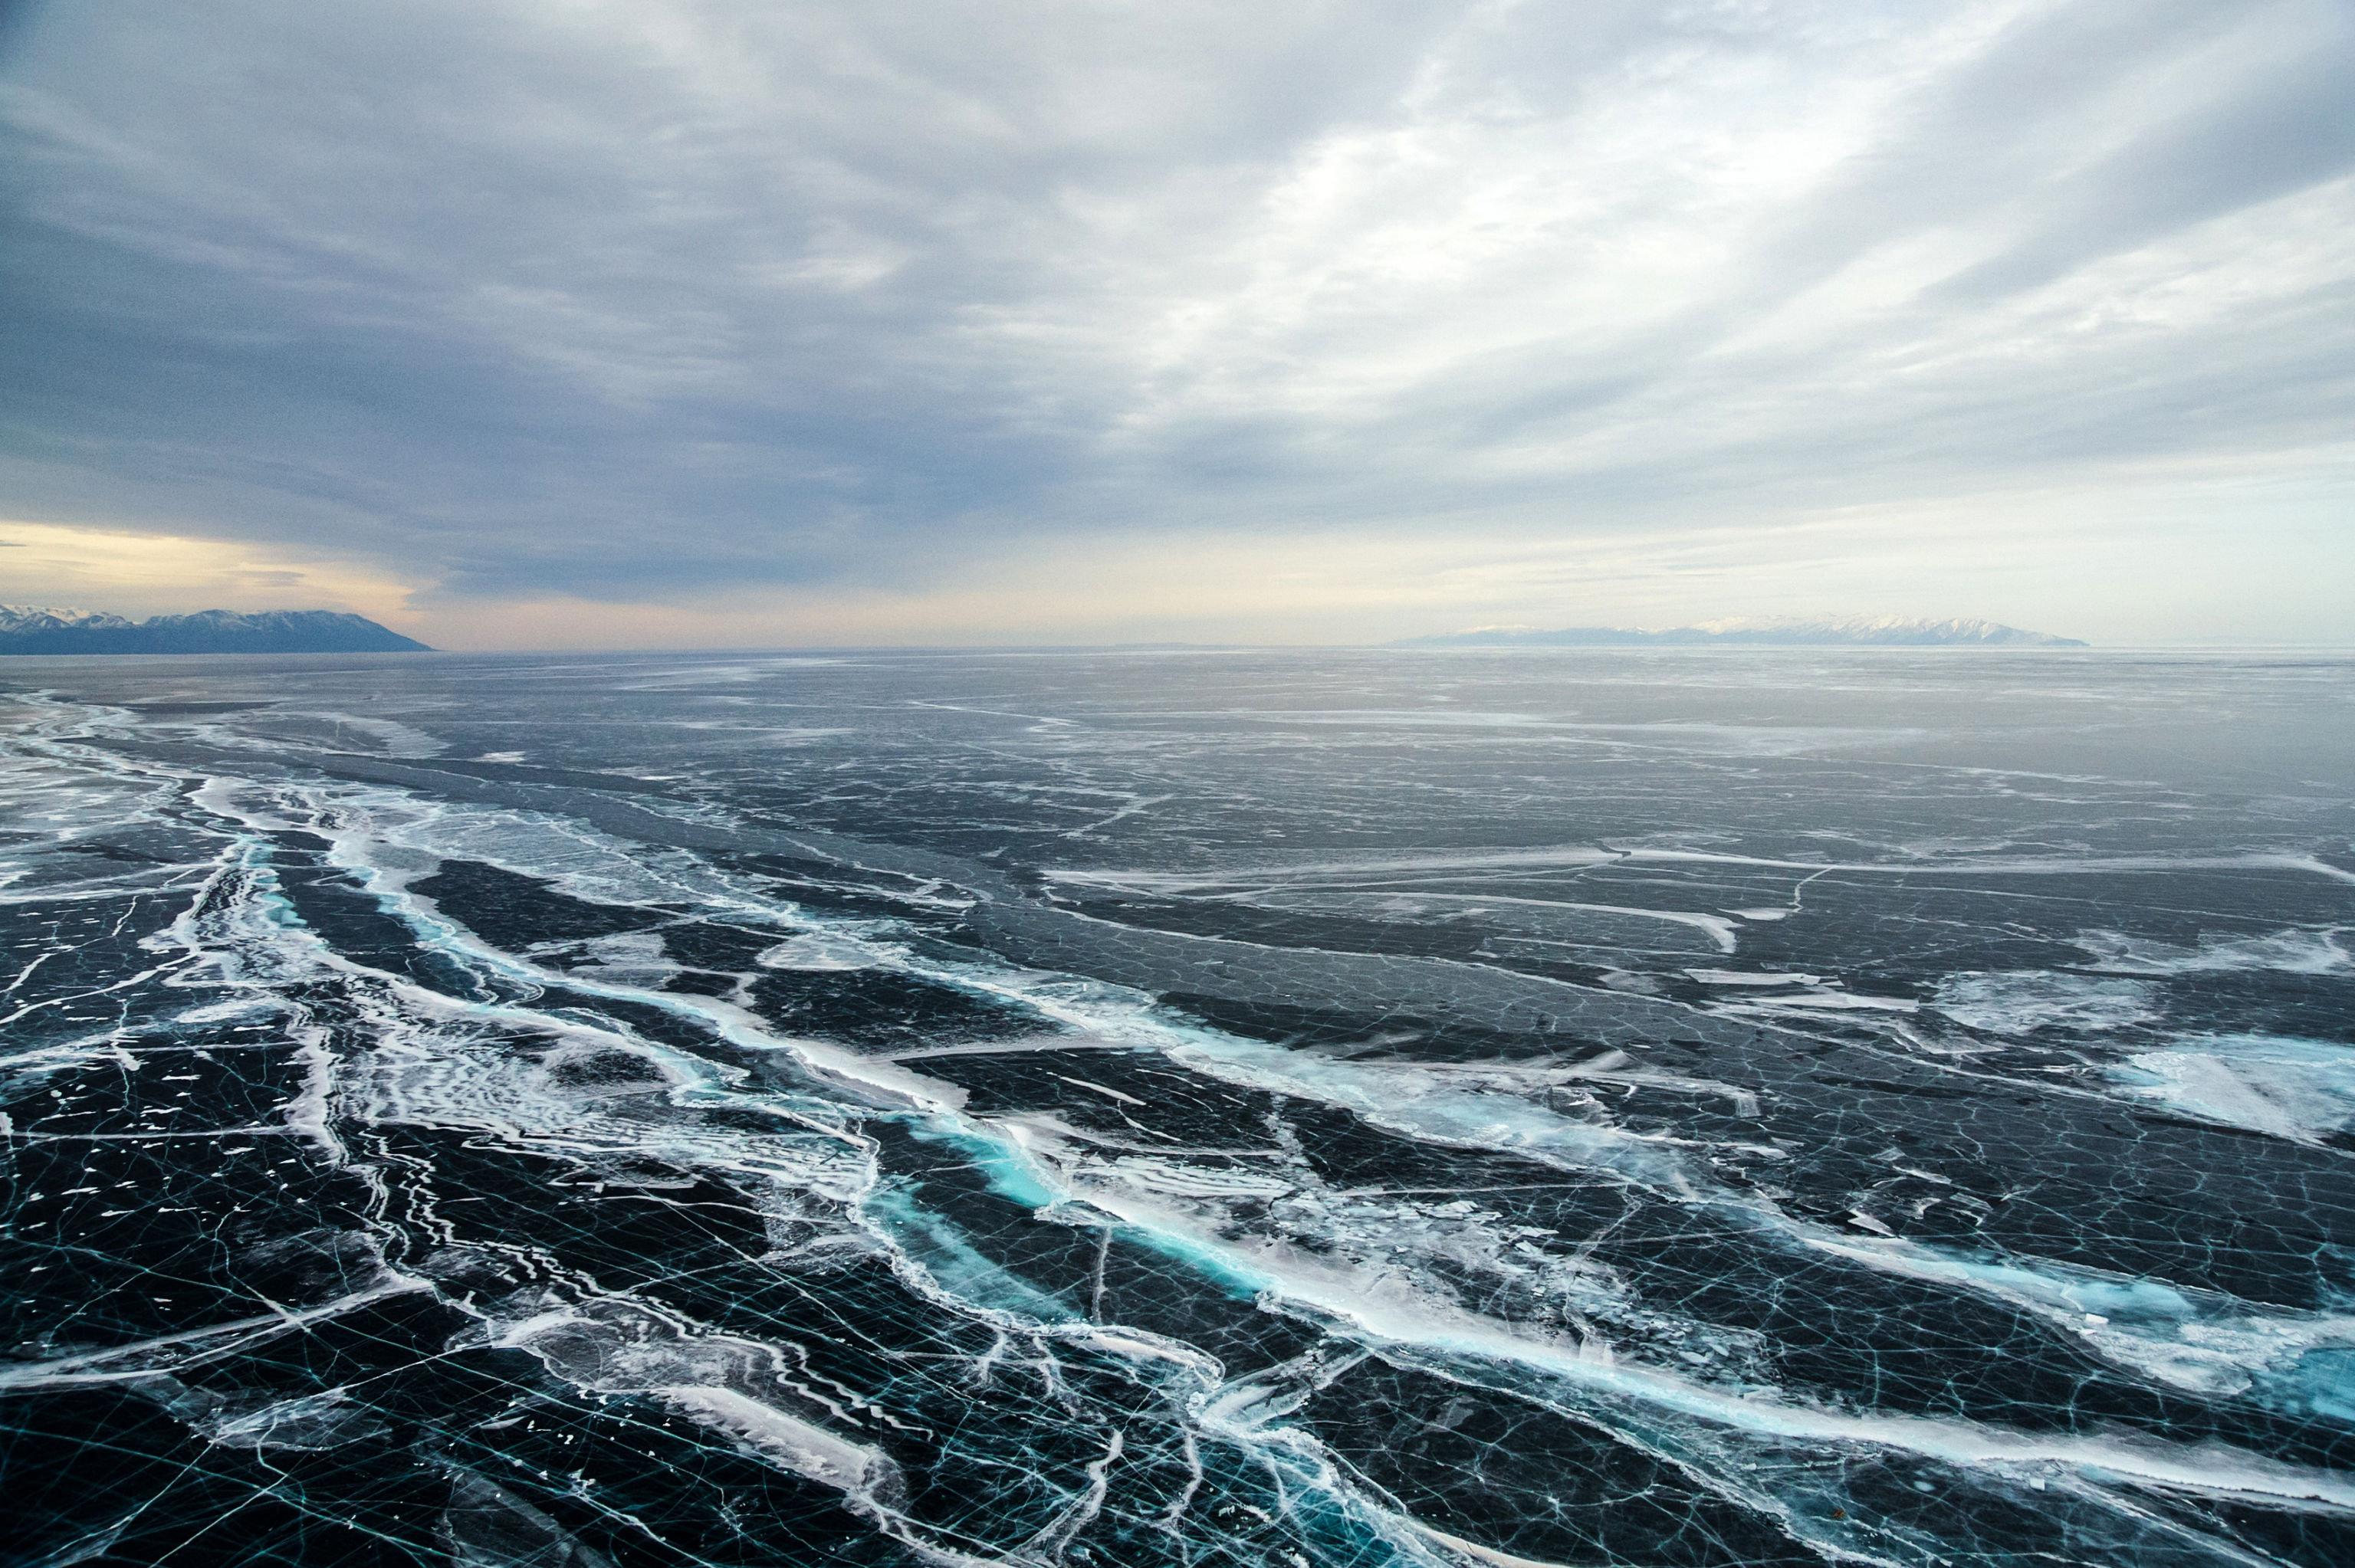 En invierno, el Baikal se convierte en una carretera en la que se puede conducir coches, motos de nieve, vehículos anfibios aerodeslizadores o trineos. Así, es posible llegar hasta los lugares más apartados del lago de manera más rápida.